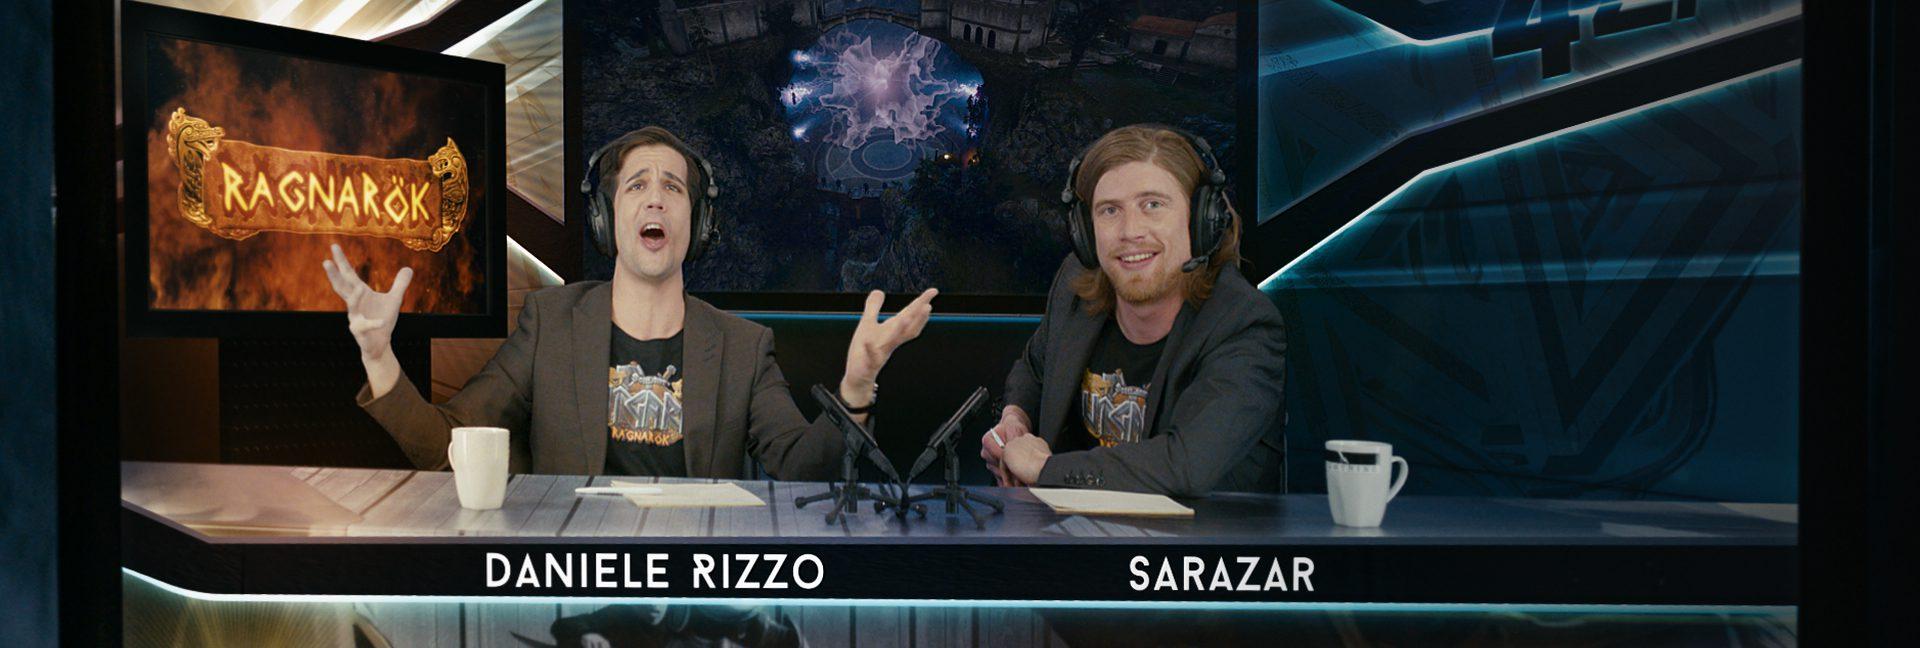 Sarazar